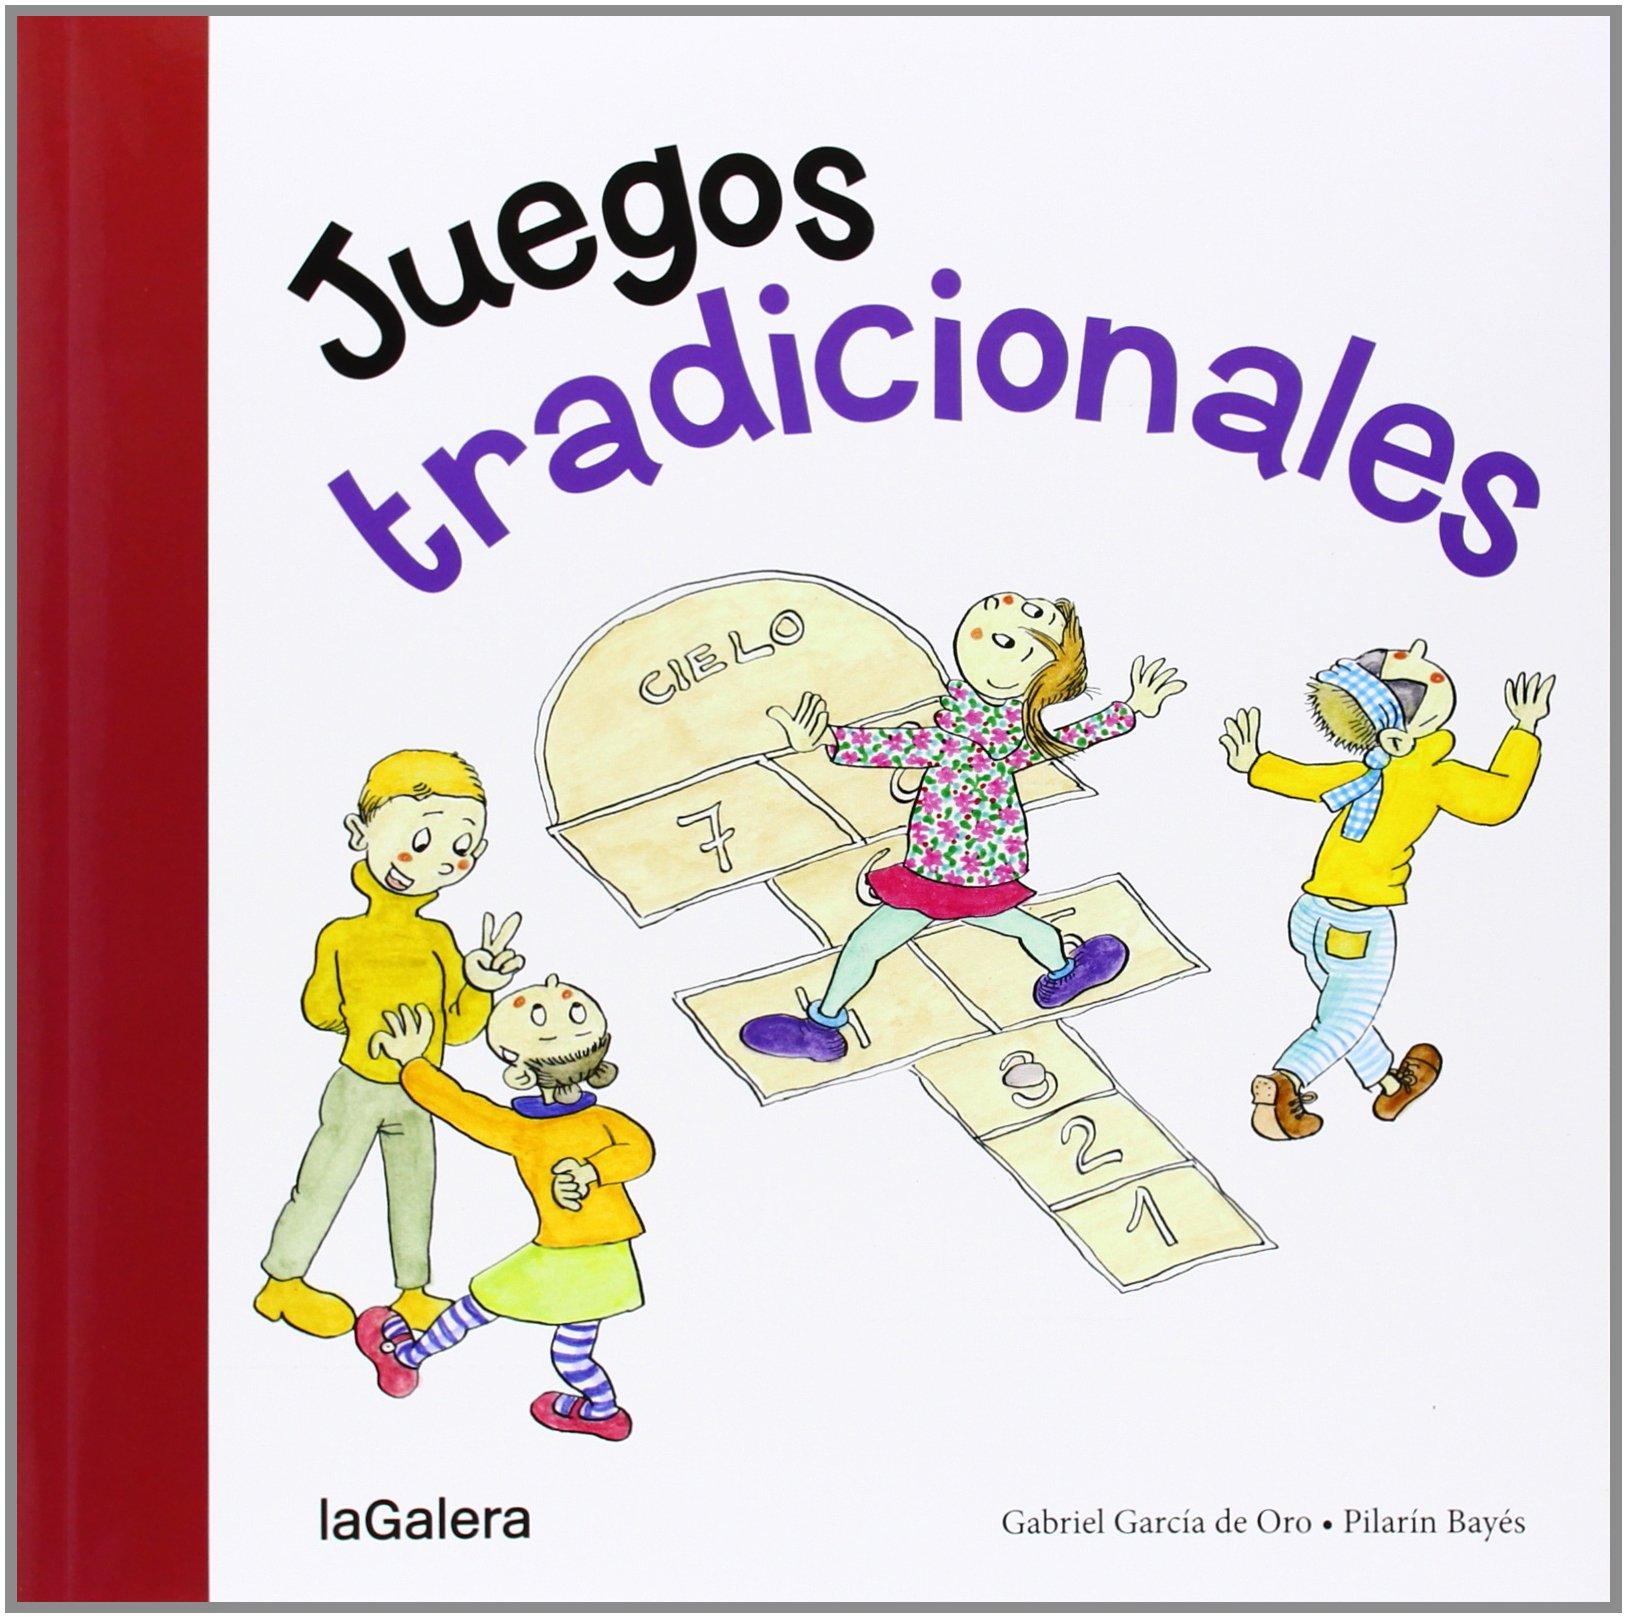 Juegos Tradicionales Gabriel Garcia De Oro 9788424651787 Amazon